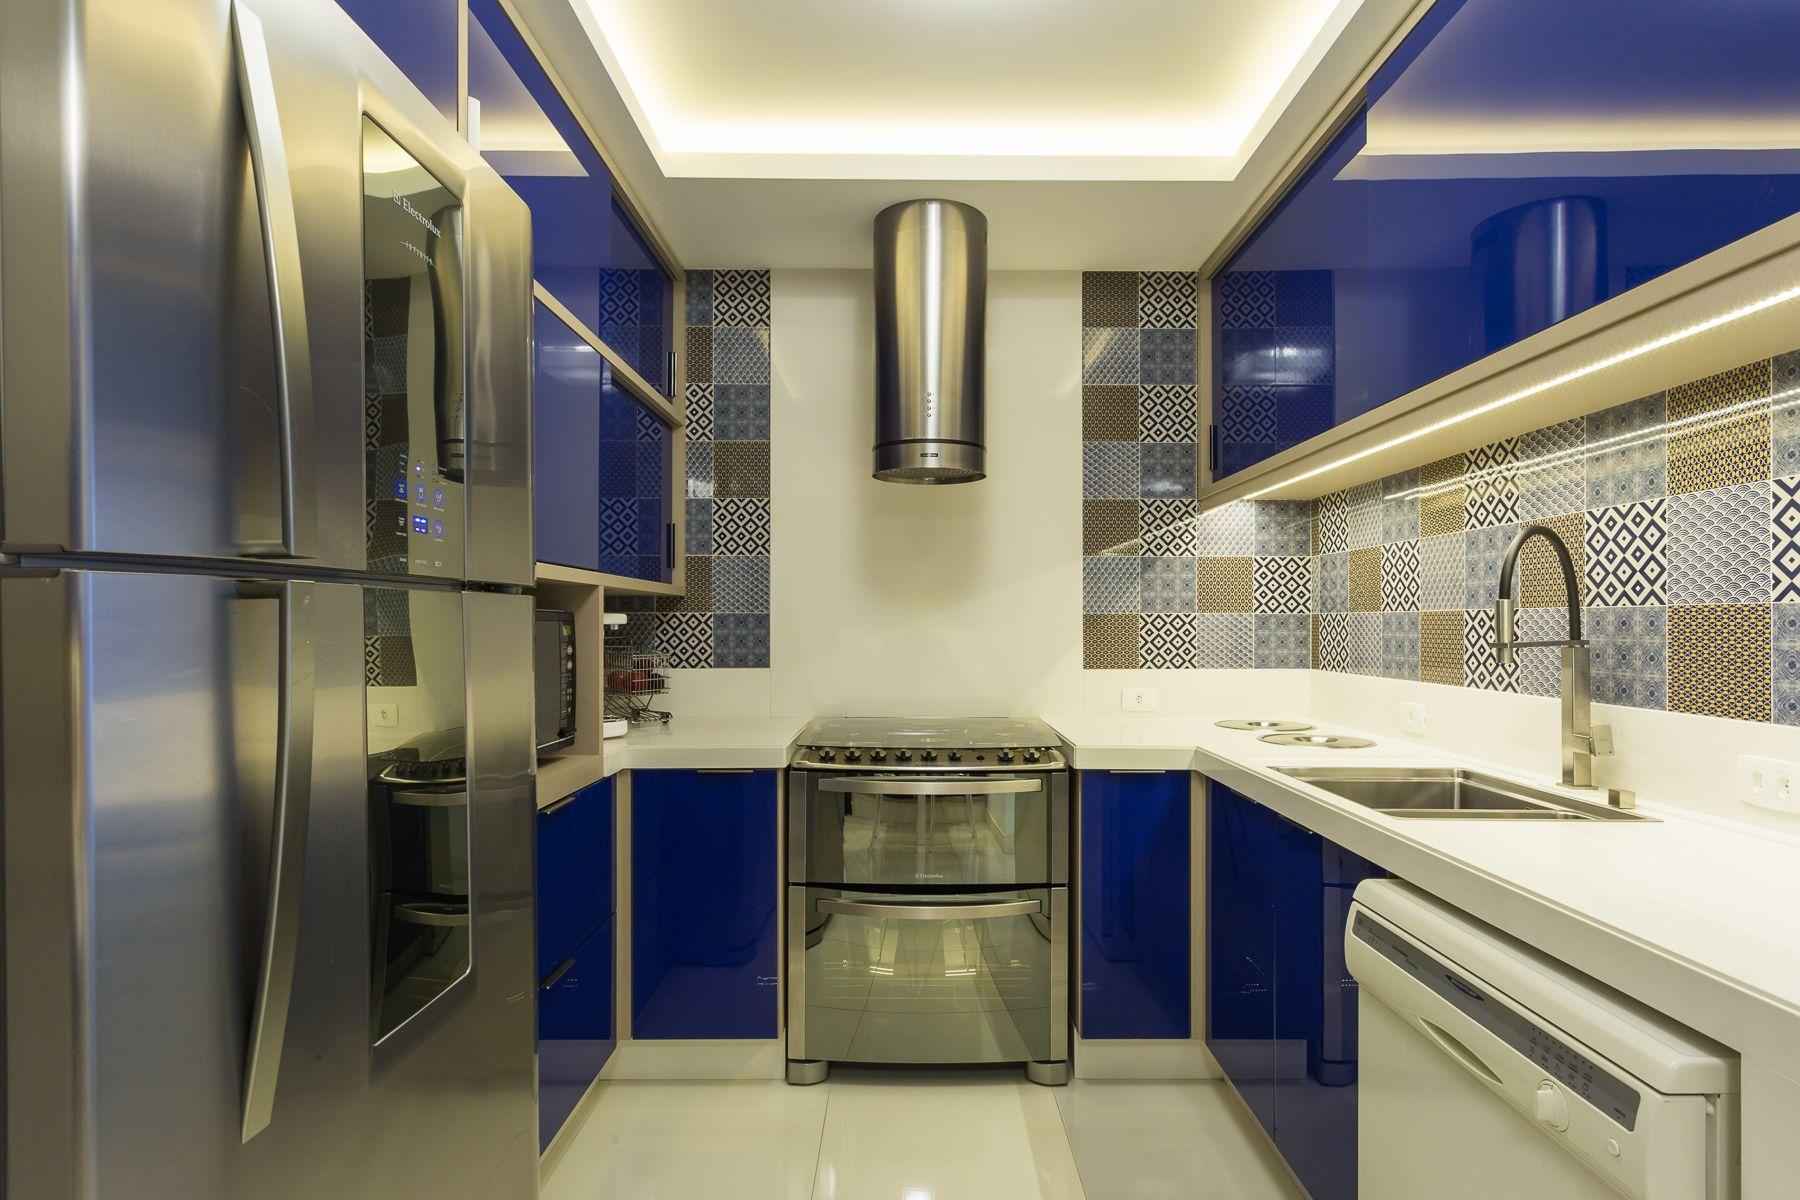 Cozinha Com Portas Em Vidro Azul Cobalto Com Uma Pegada Vintage